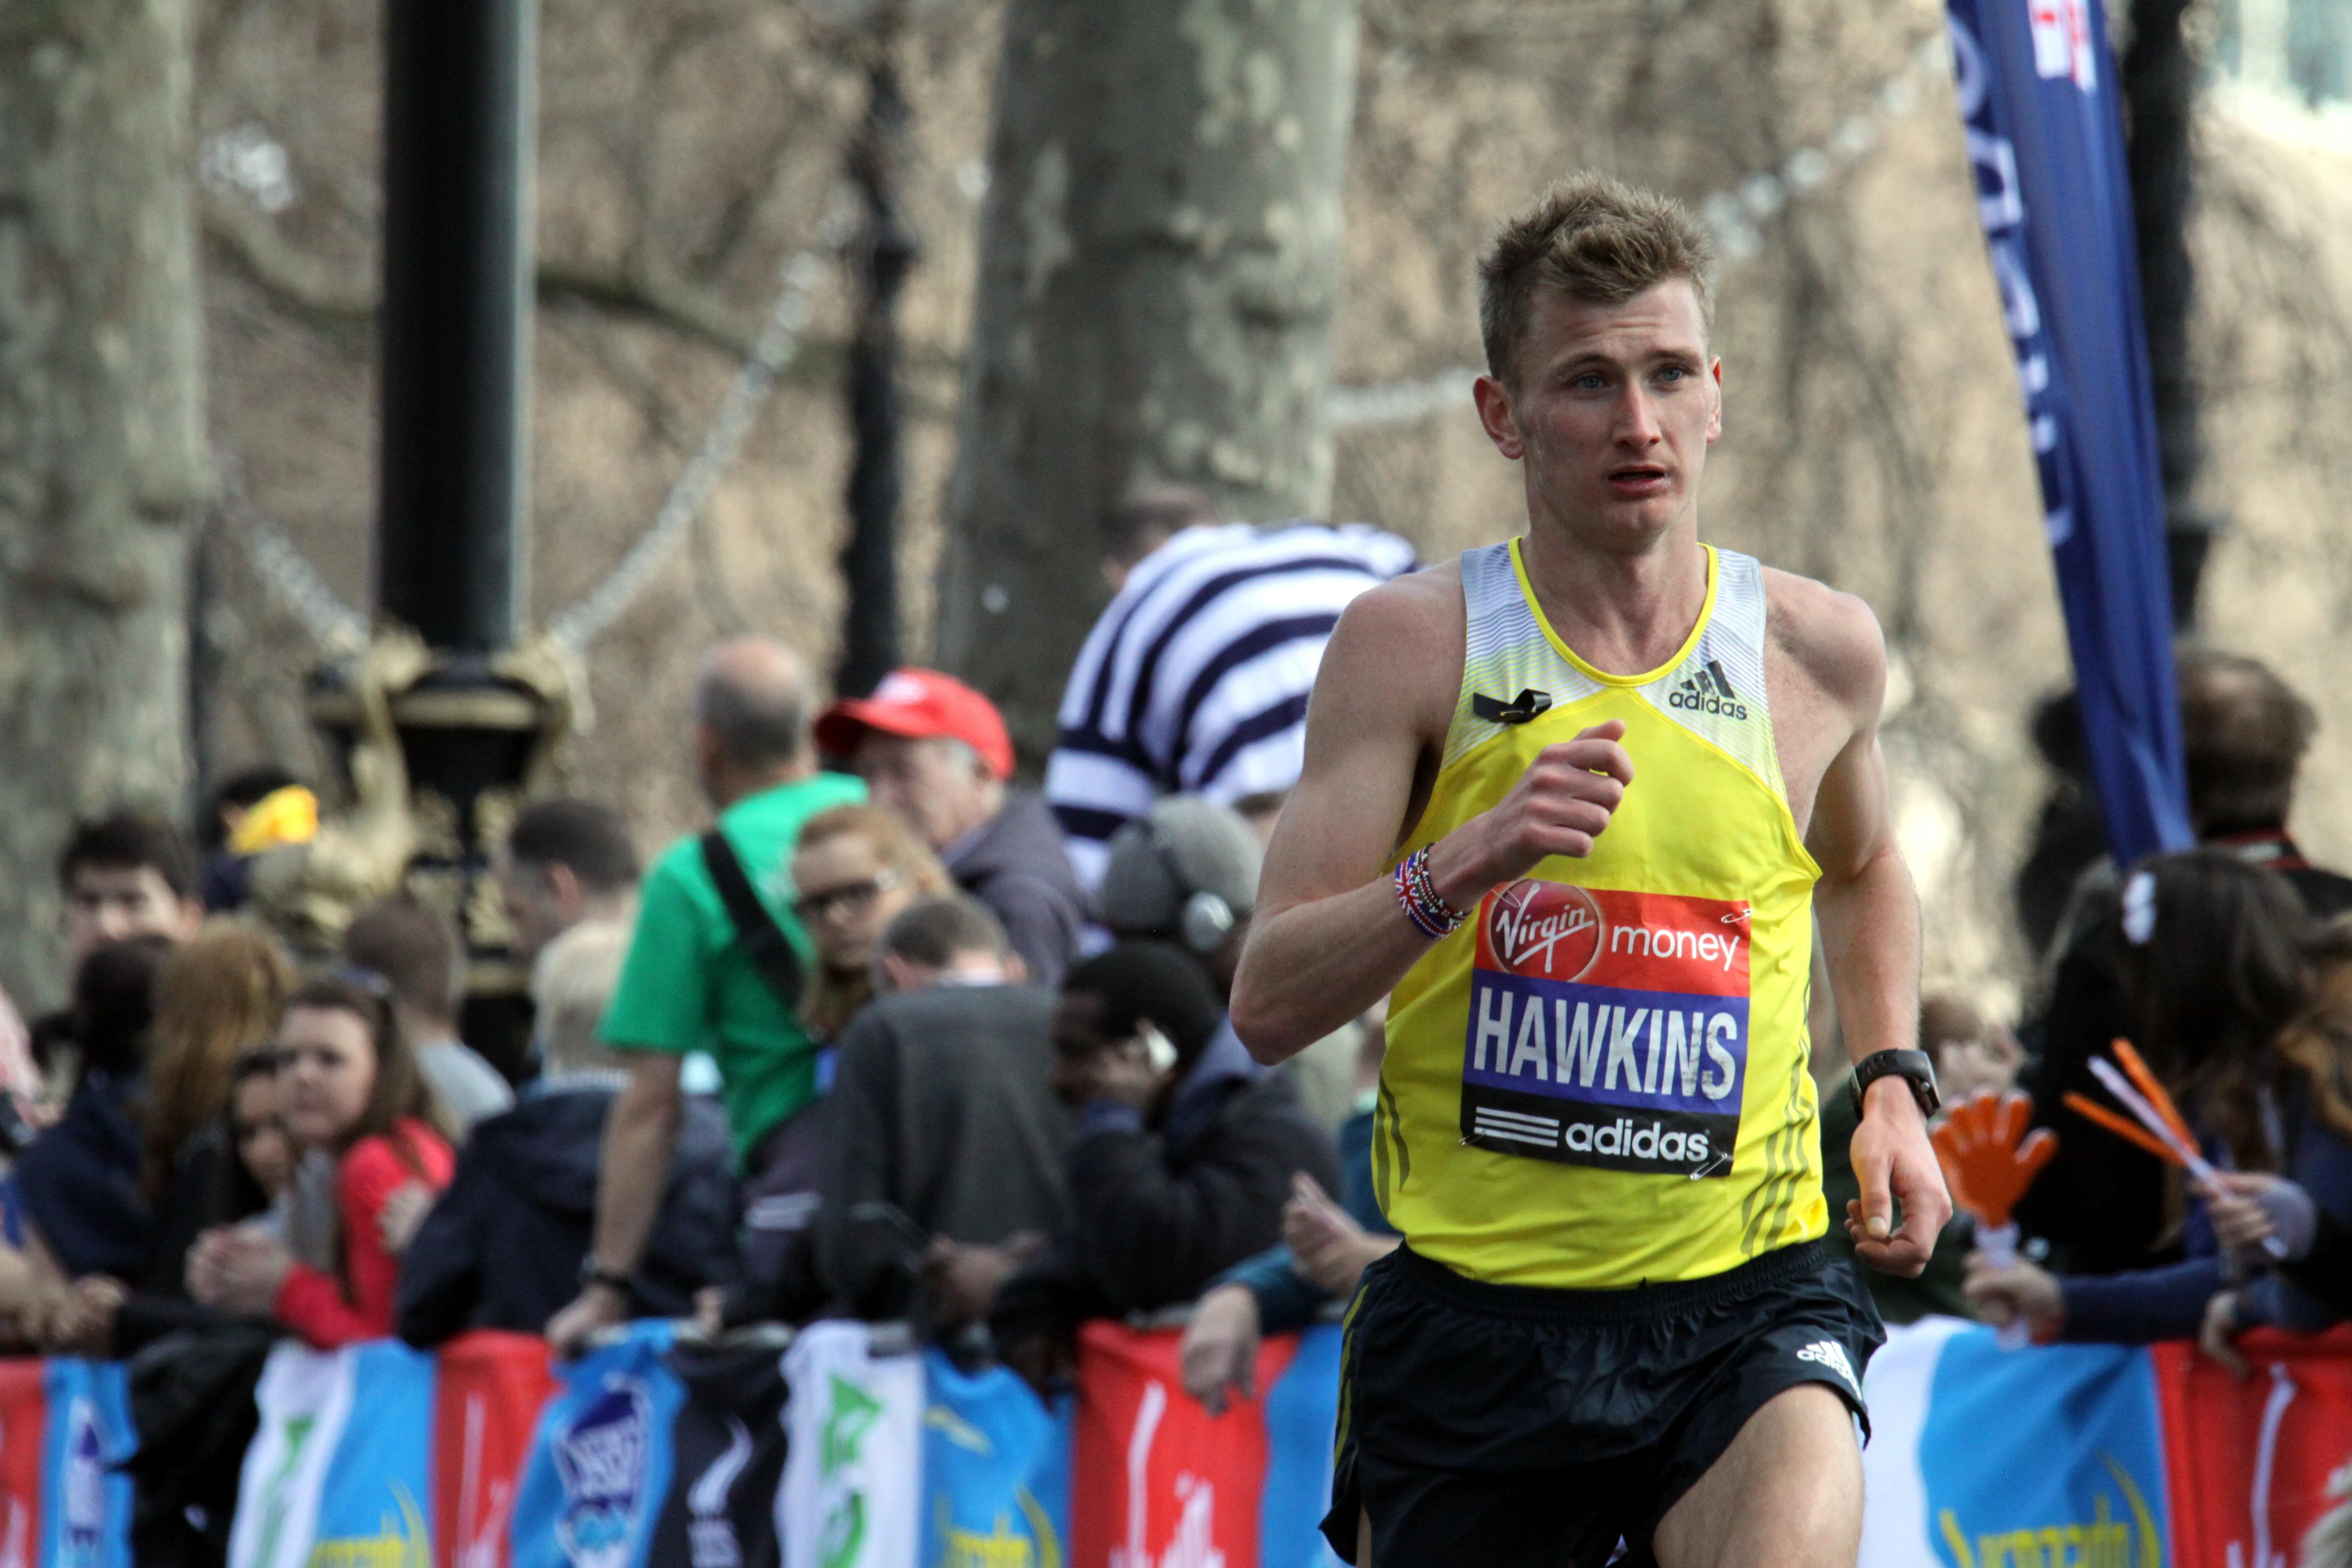 Derek Hawkins author